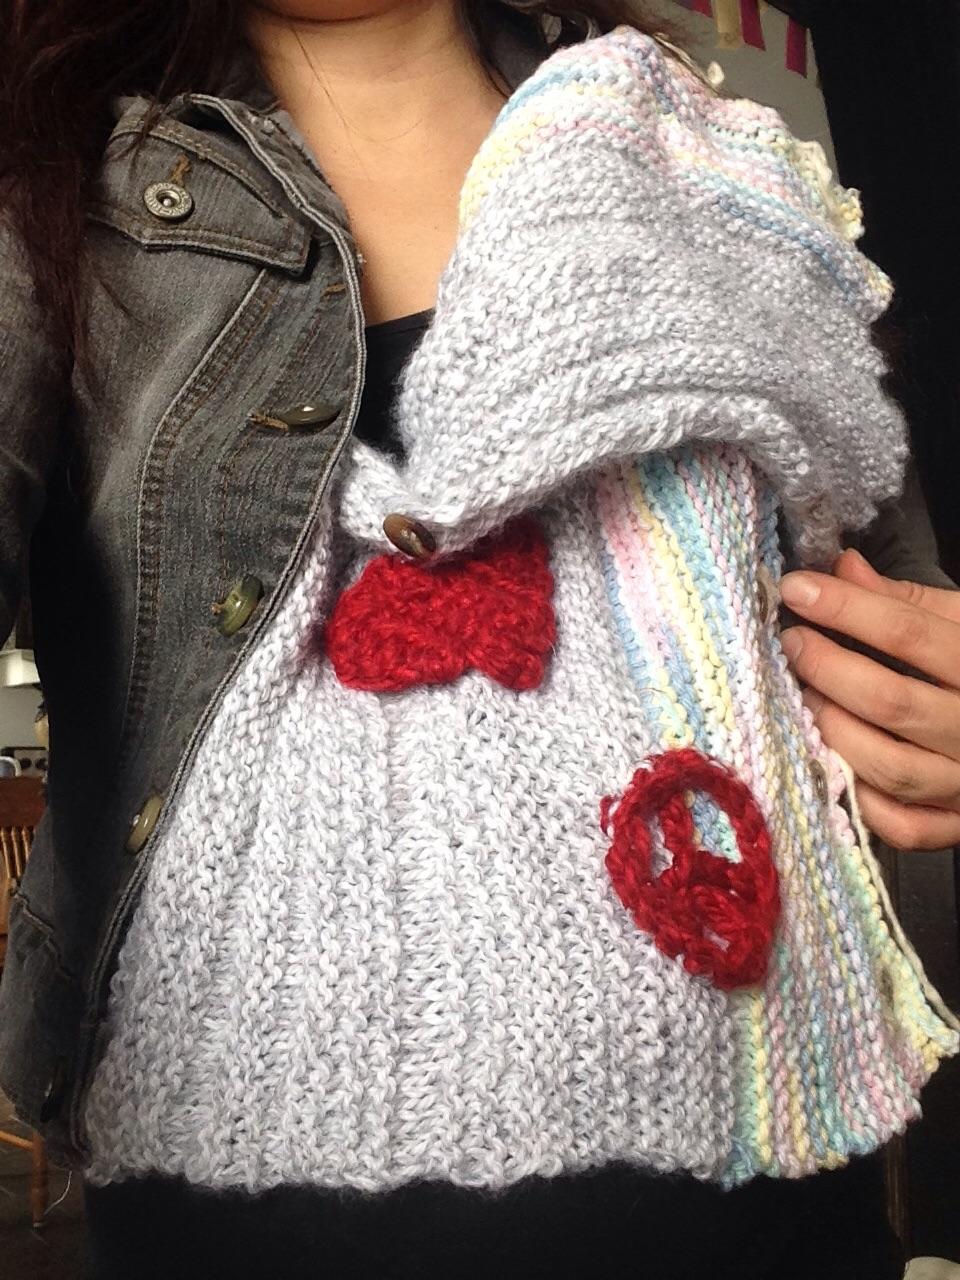 extension de manteau grossesse et portage tricot crochet idée cadeau bébè